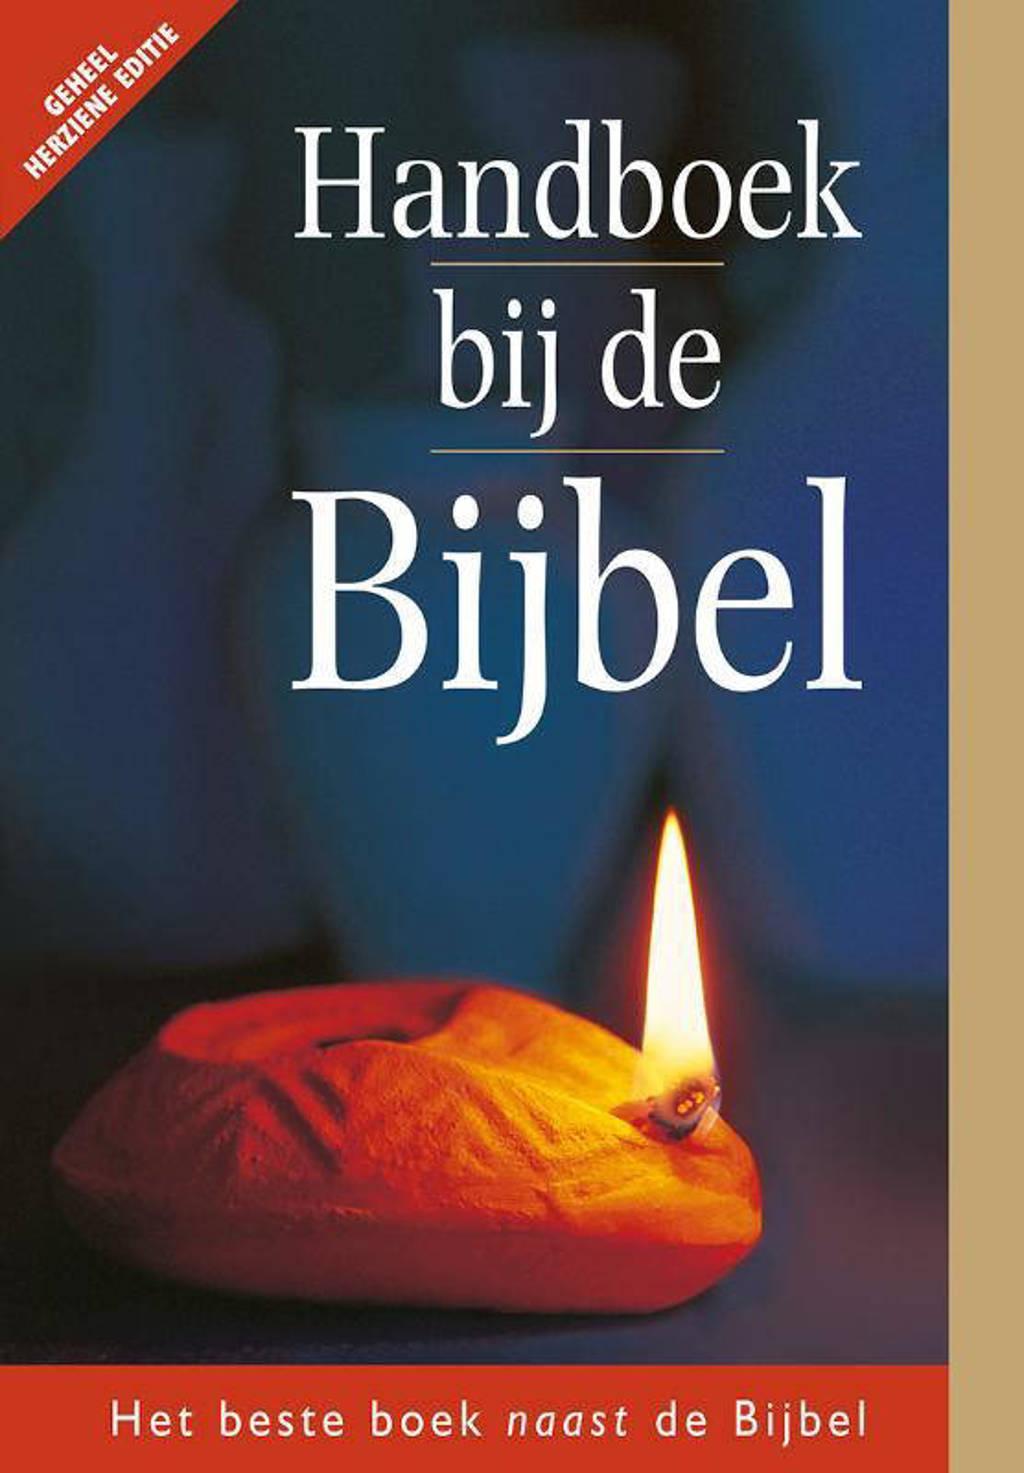 Handboek bij de Bijbel - Pat Alexander en David Alexander